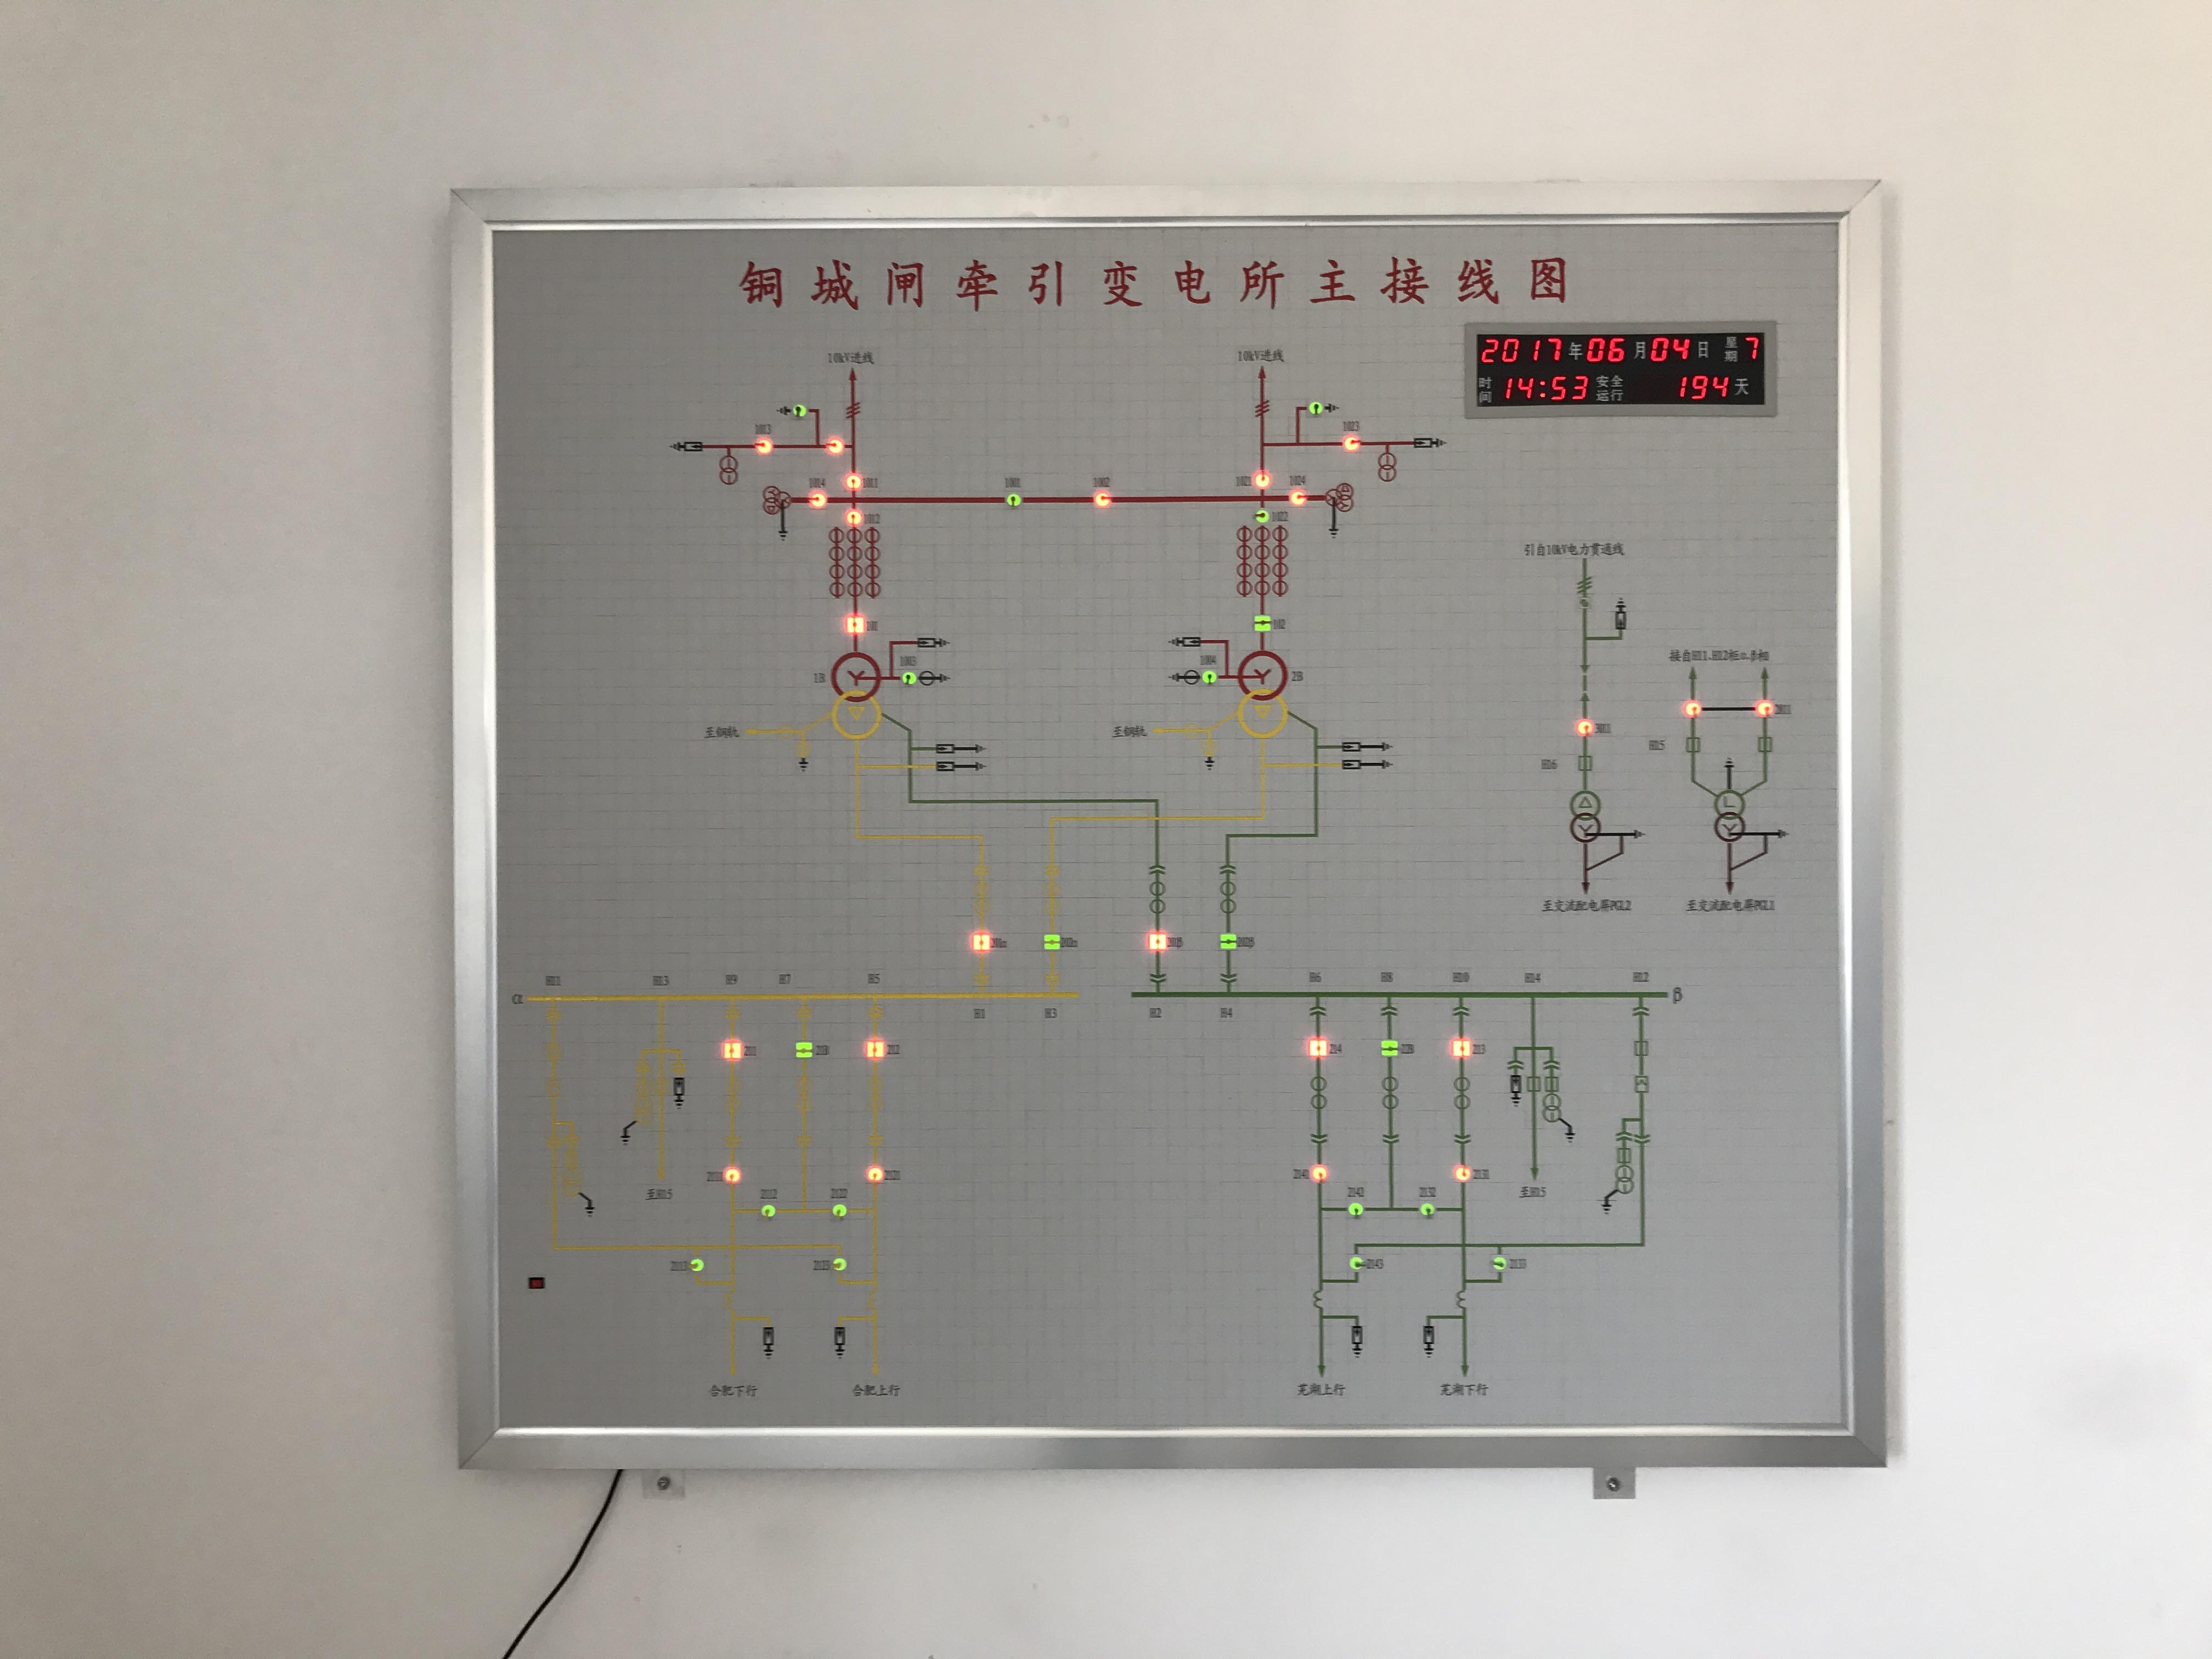 铁路电力模拟屏